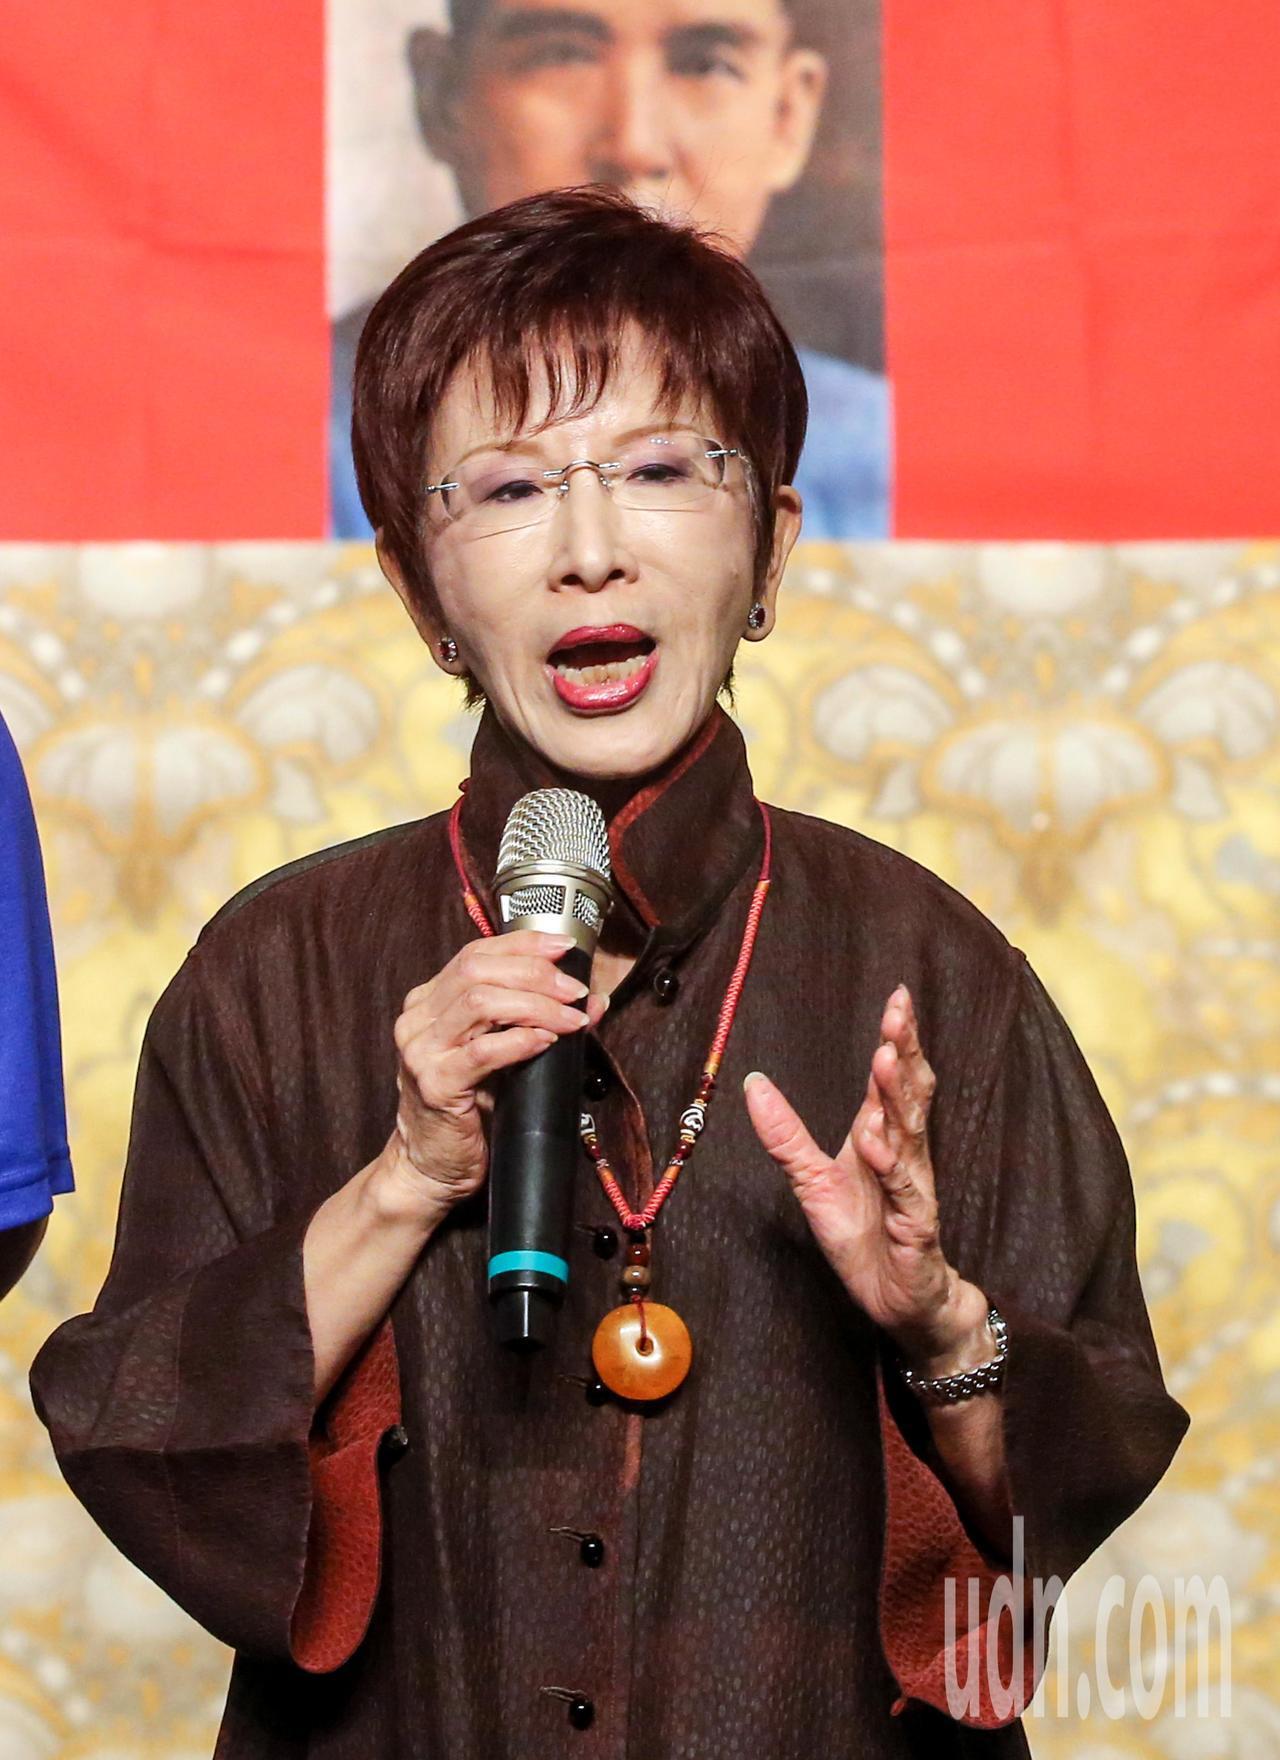 國民黨前主席洪秀柱到場致詞勉勵八百壯士,她重申兩岸論述,要思考如何統一而不是拒絕...